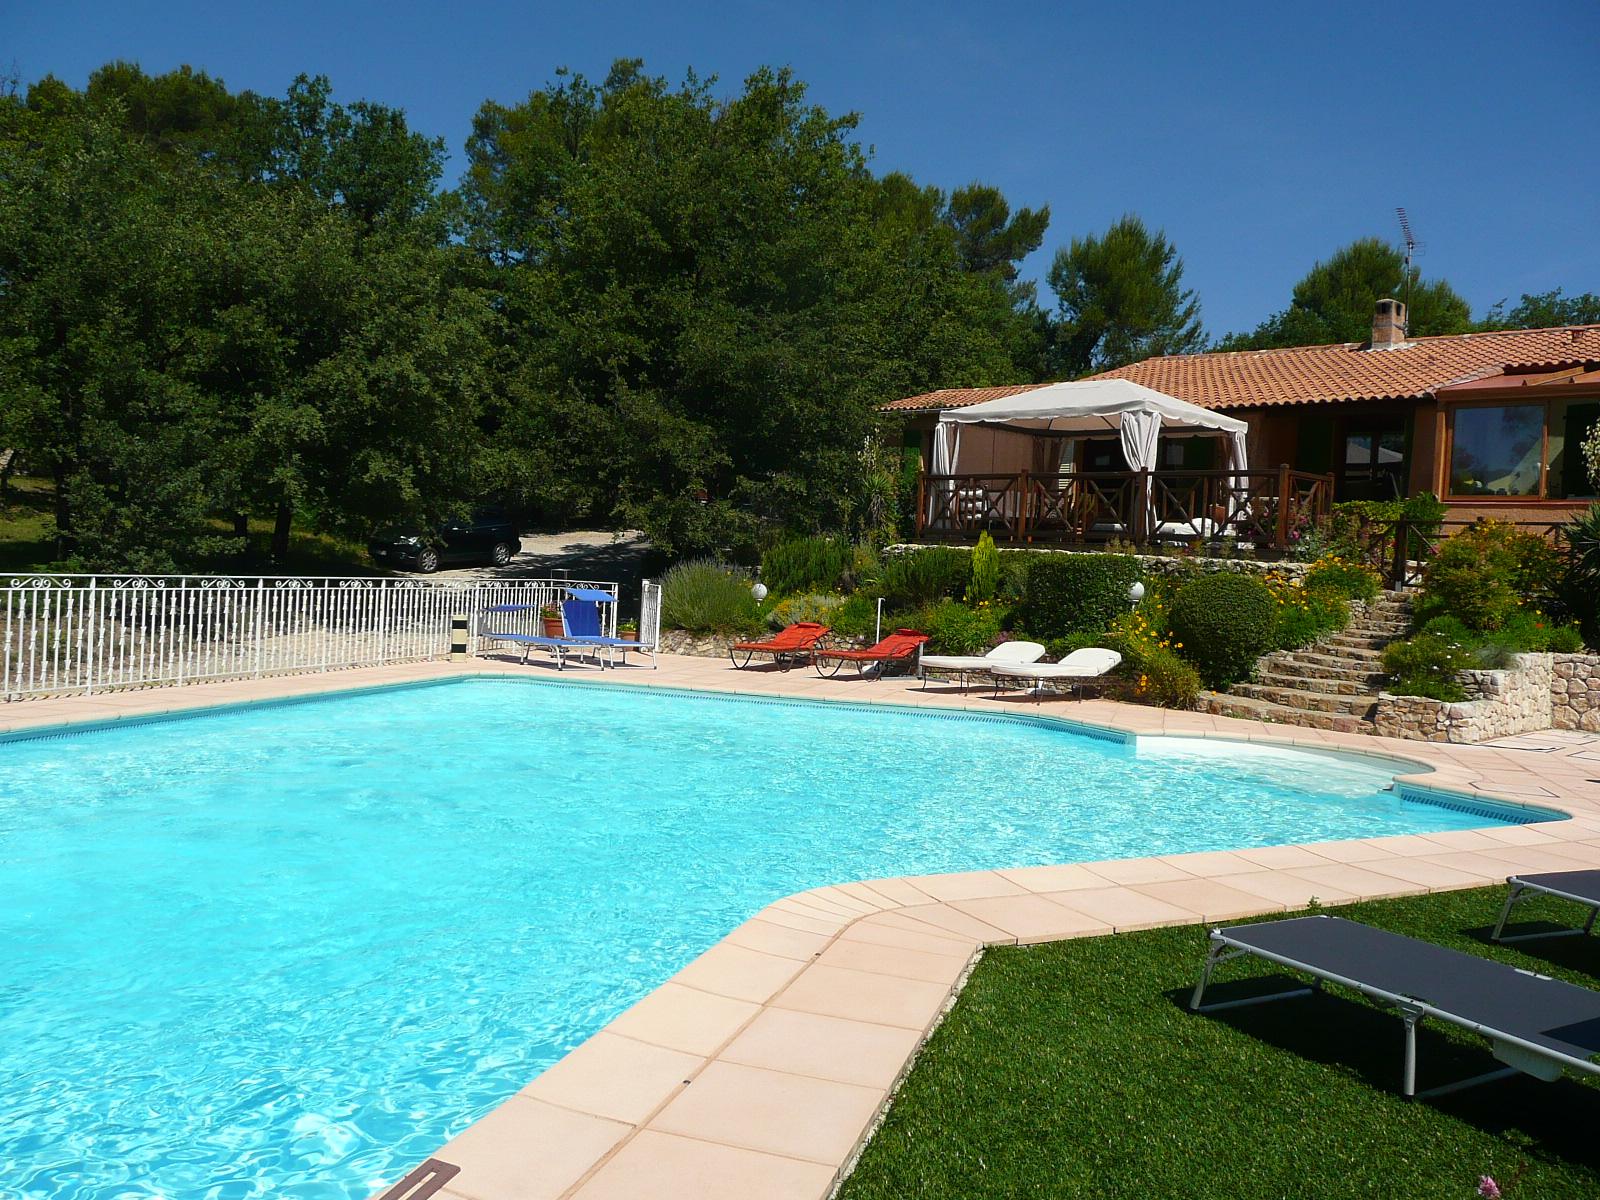 Bandb chambre d 39 h tes piscine chauff e jacuzzi entre aix - Piscine municipale aix en provence ...